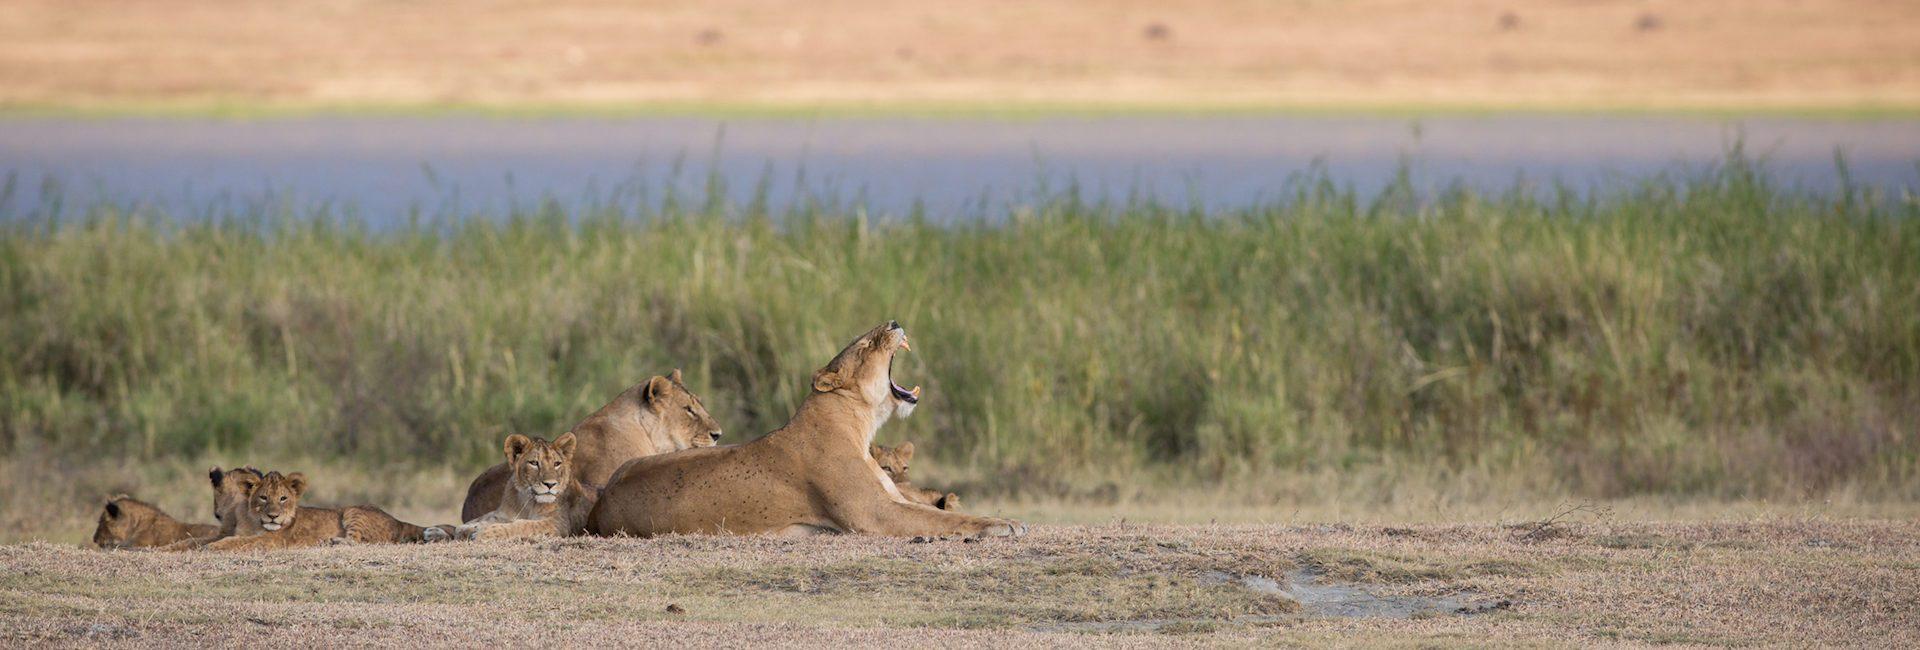 Ngorongoro-Crater-Lodge